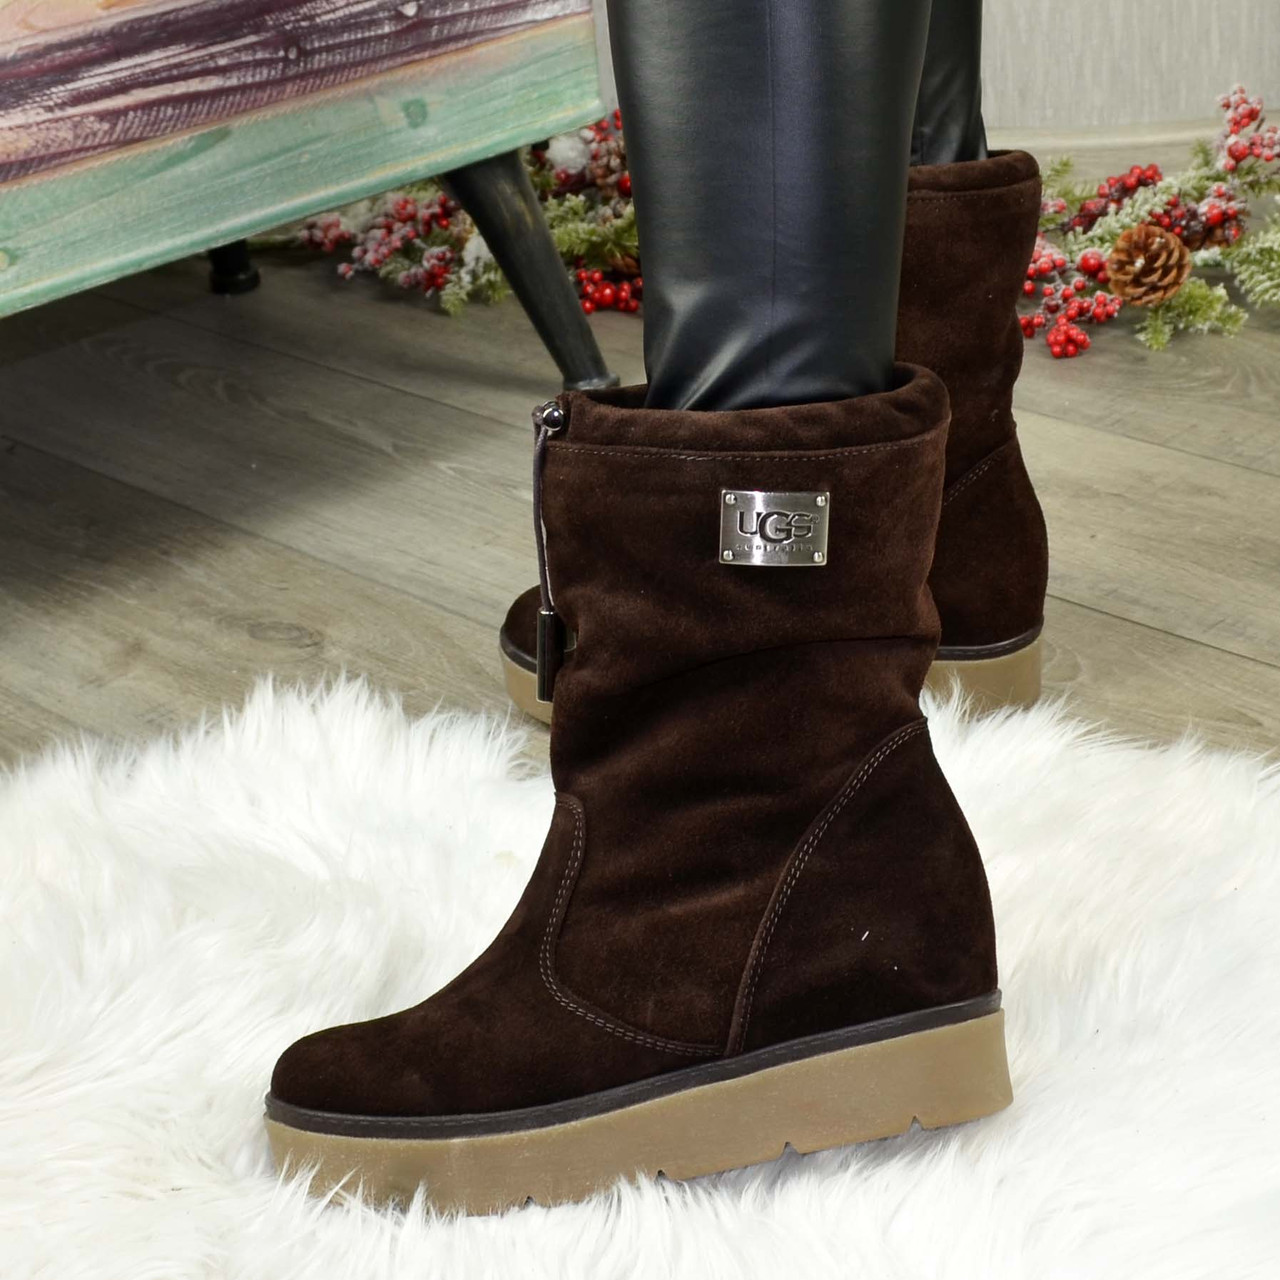 Замшеві черевики вільного взування, на прихованій танкетці, колір коричневий. 36 розмір